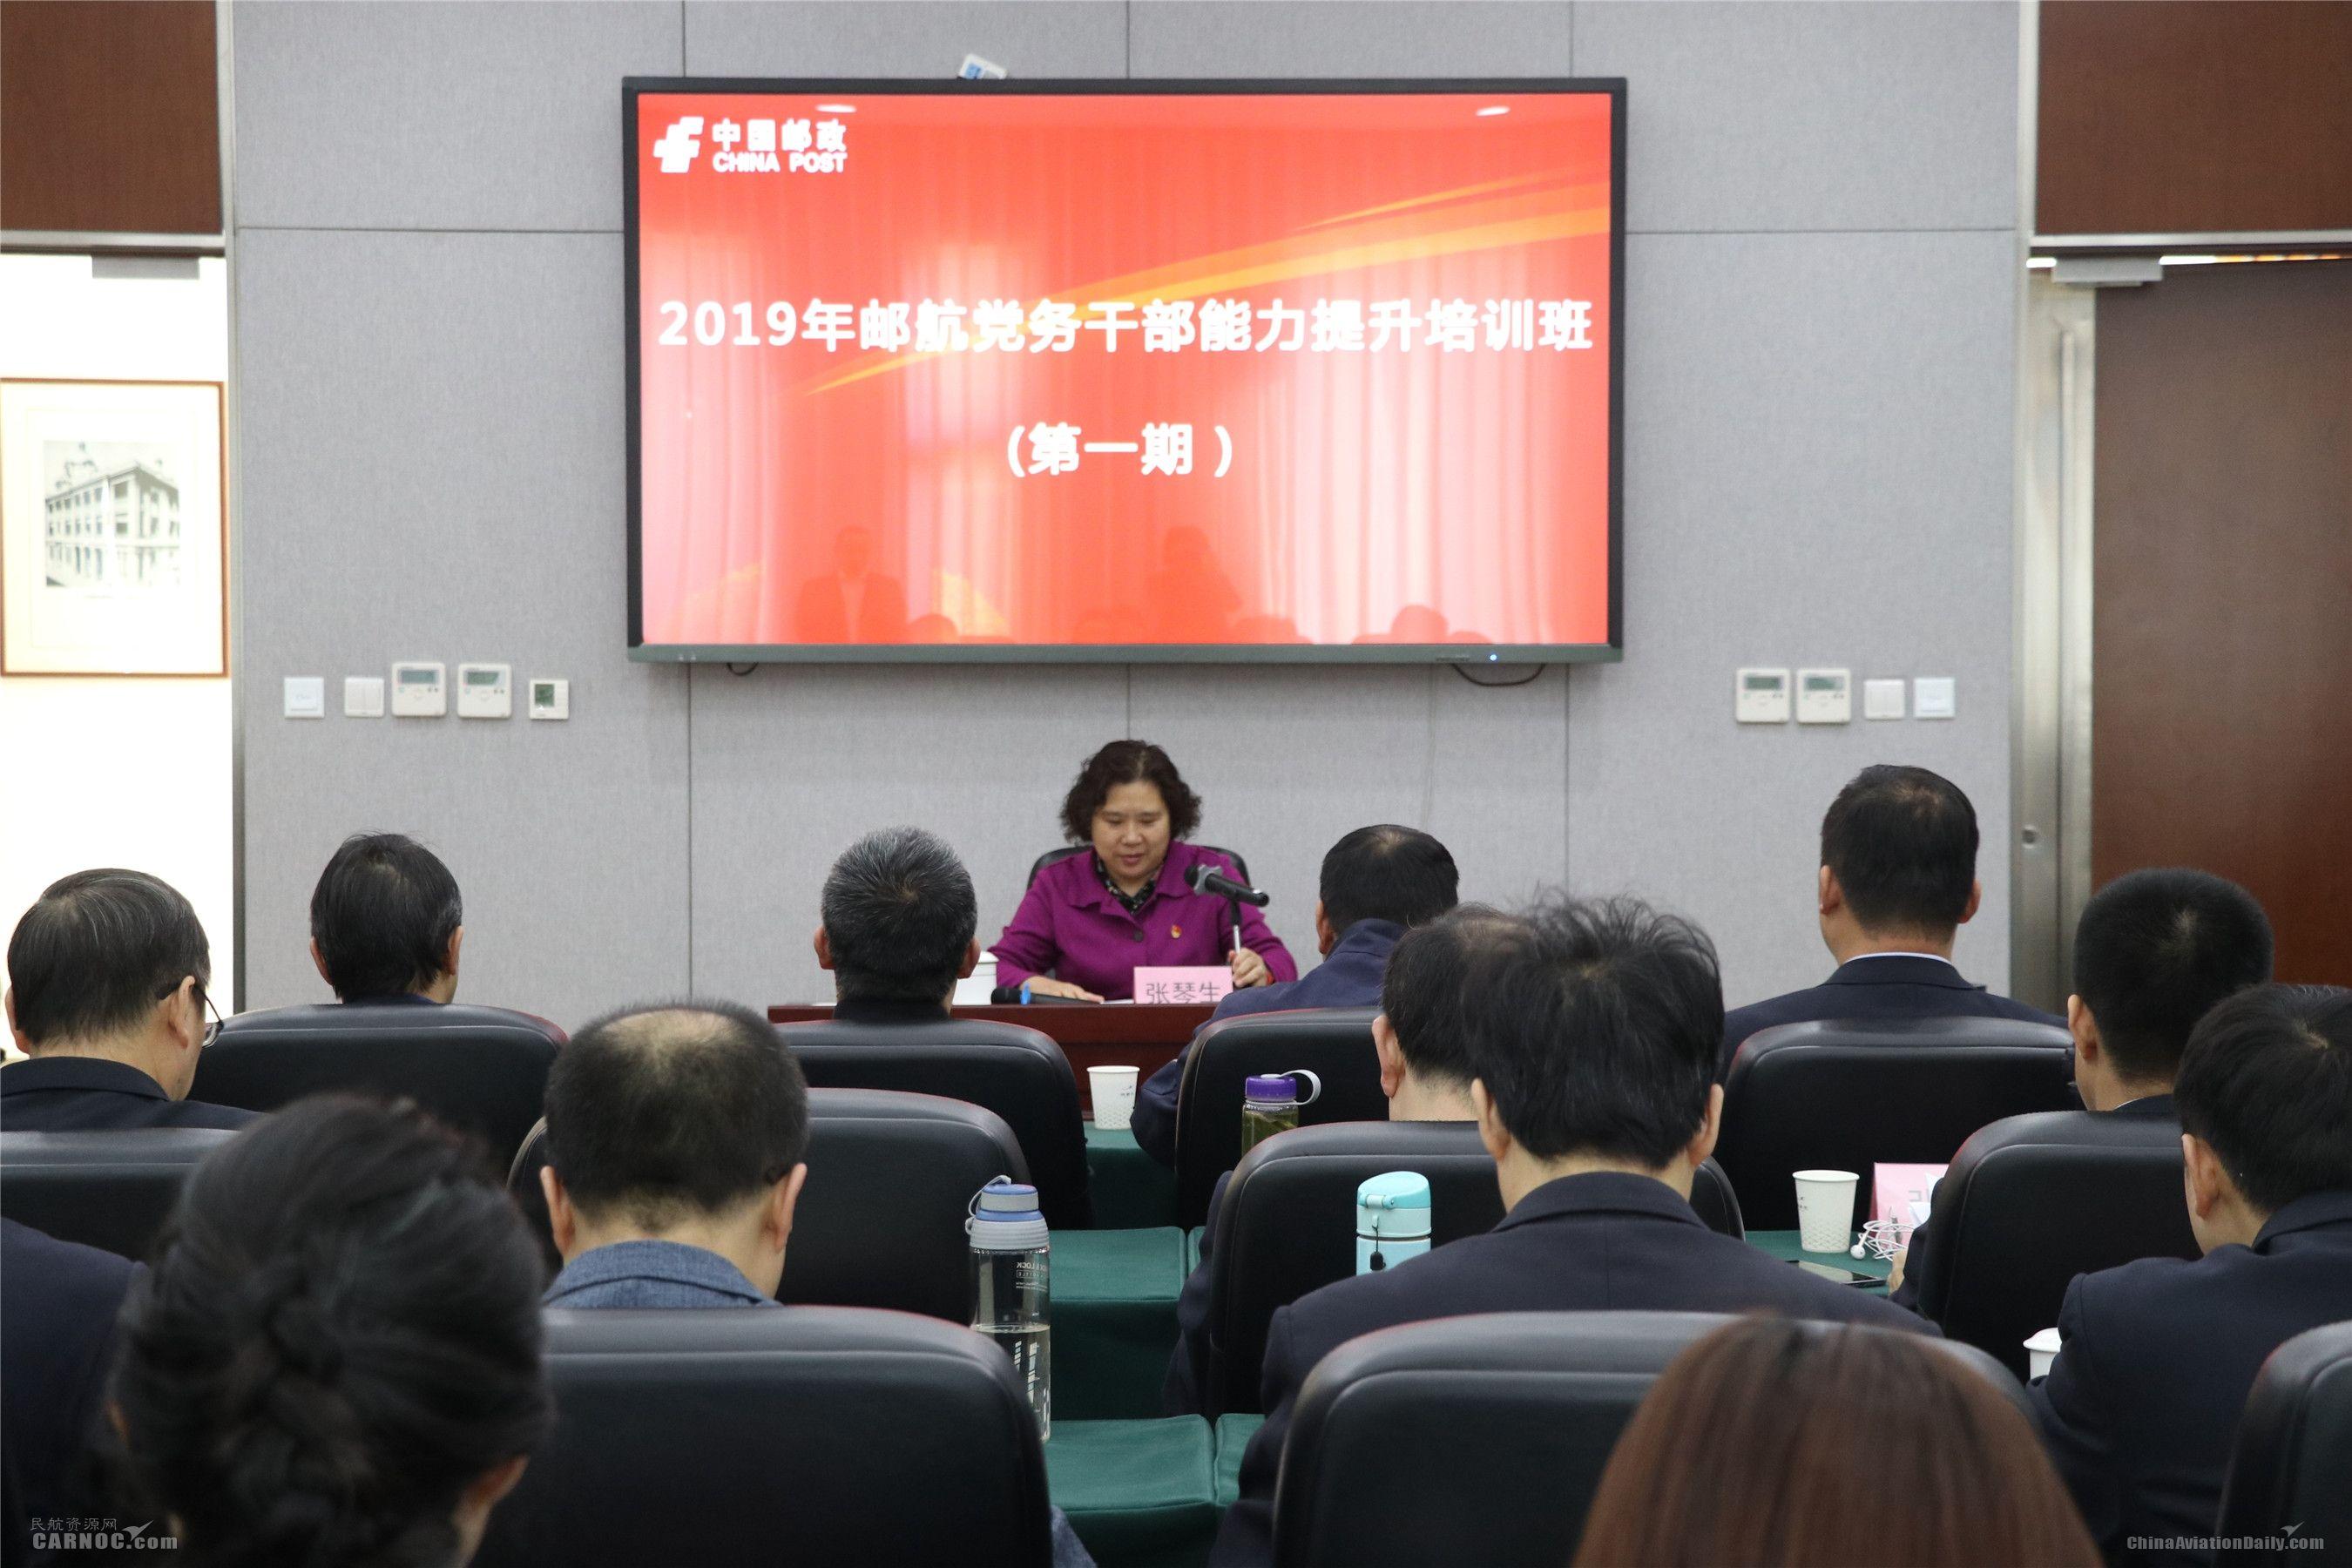 邮航党委举办党务干部能力提升培训班